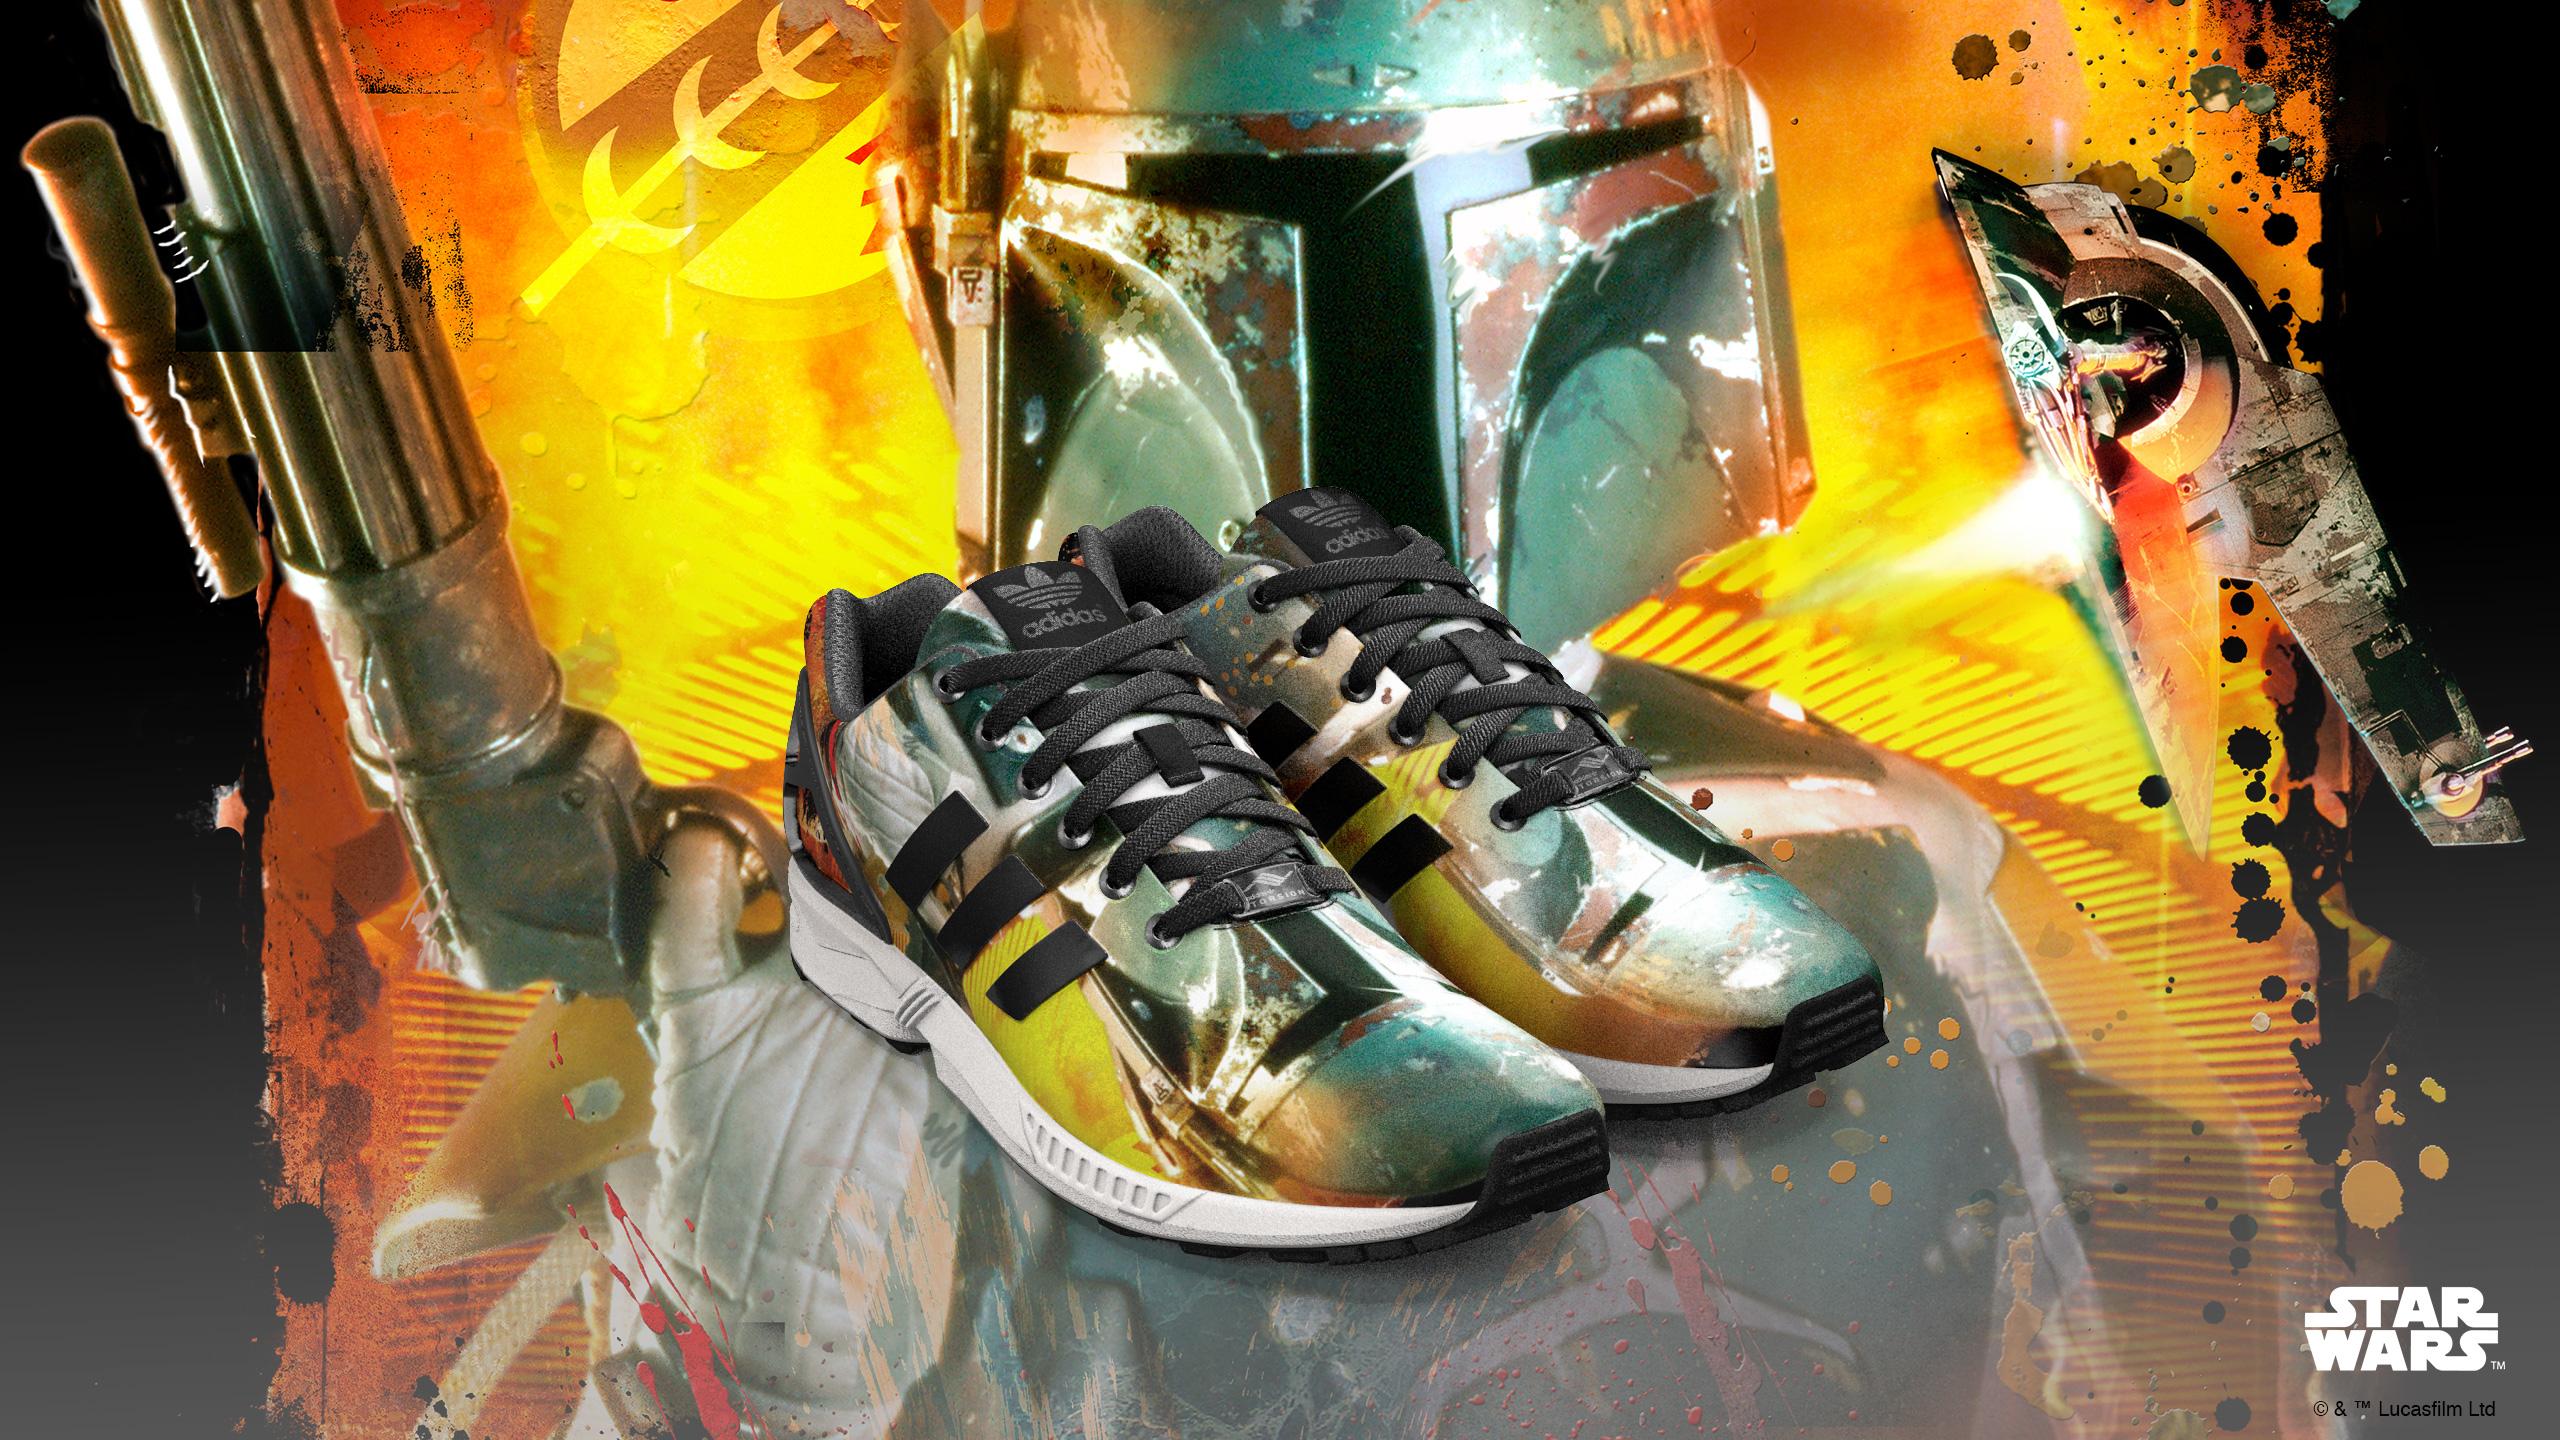 Publicity Photo for Adidas mi ZX Flux Boba Fett Shoes (2015)